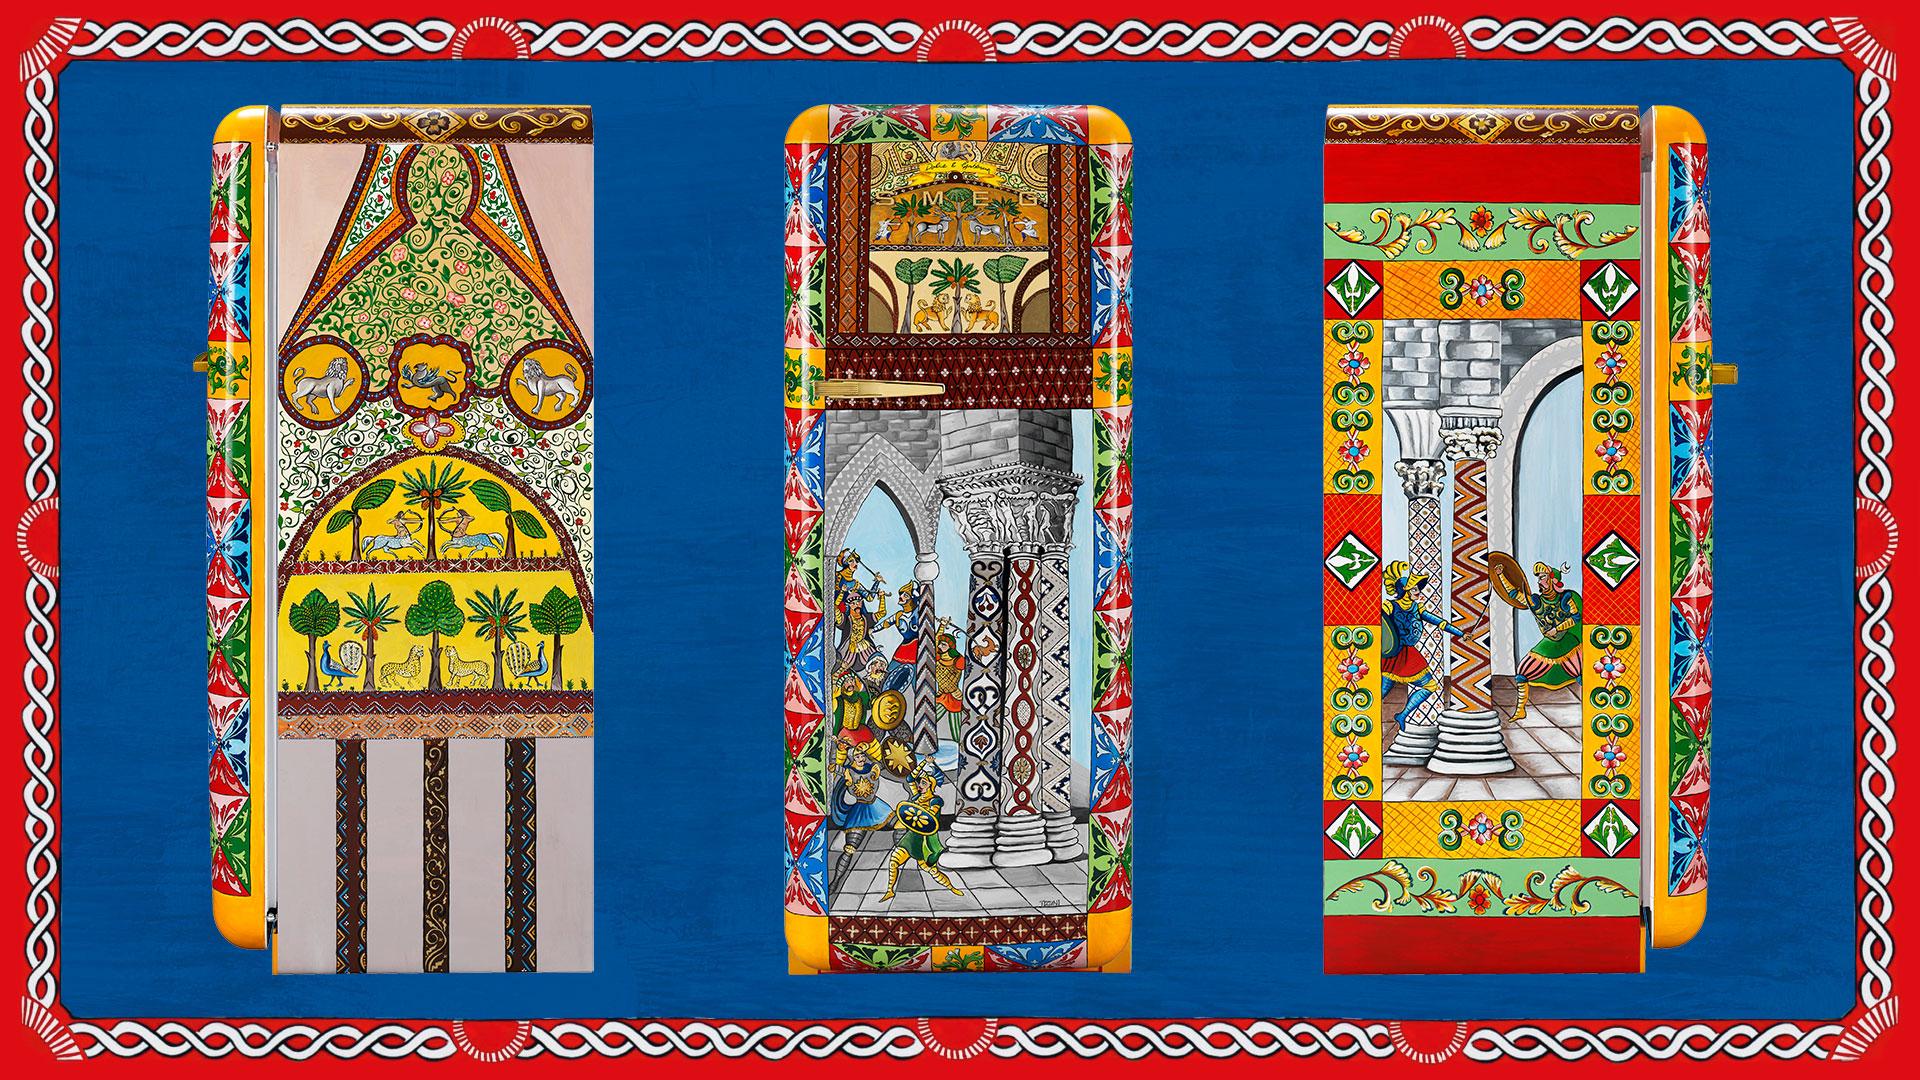 Dolce & Gabbana: i frigoriferi d'arte realizzati per Smeg